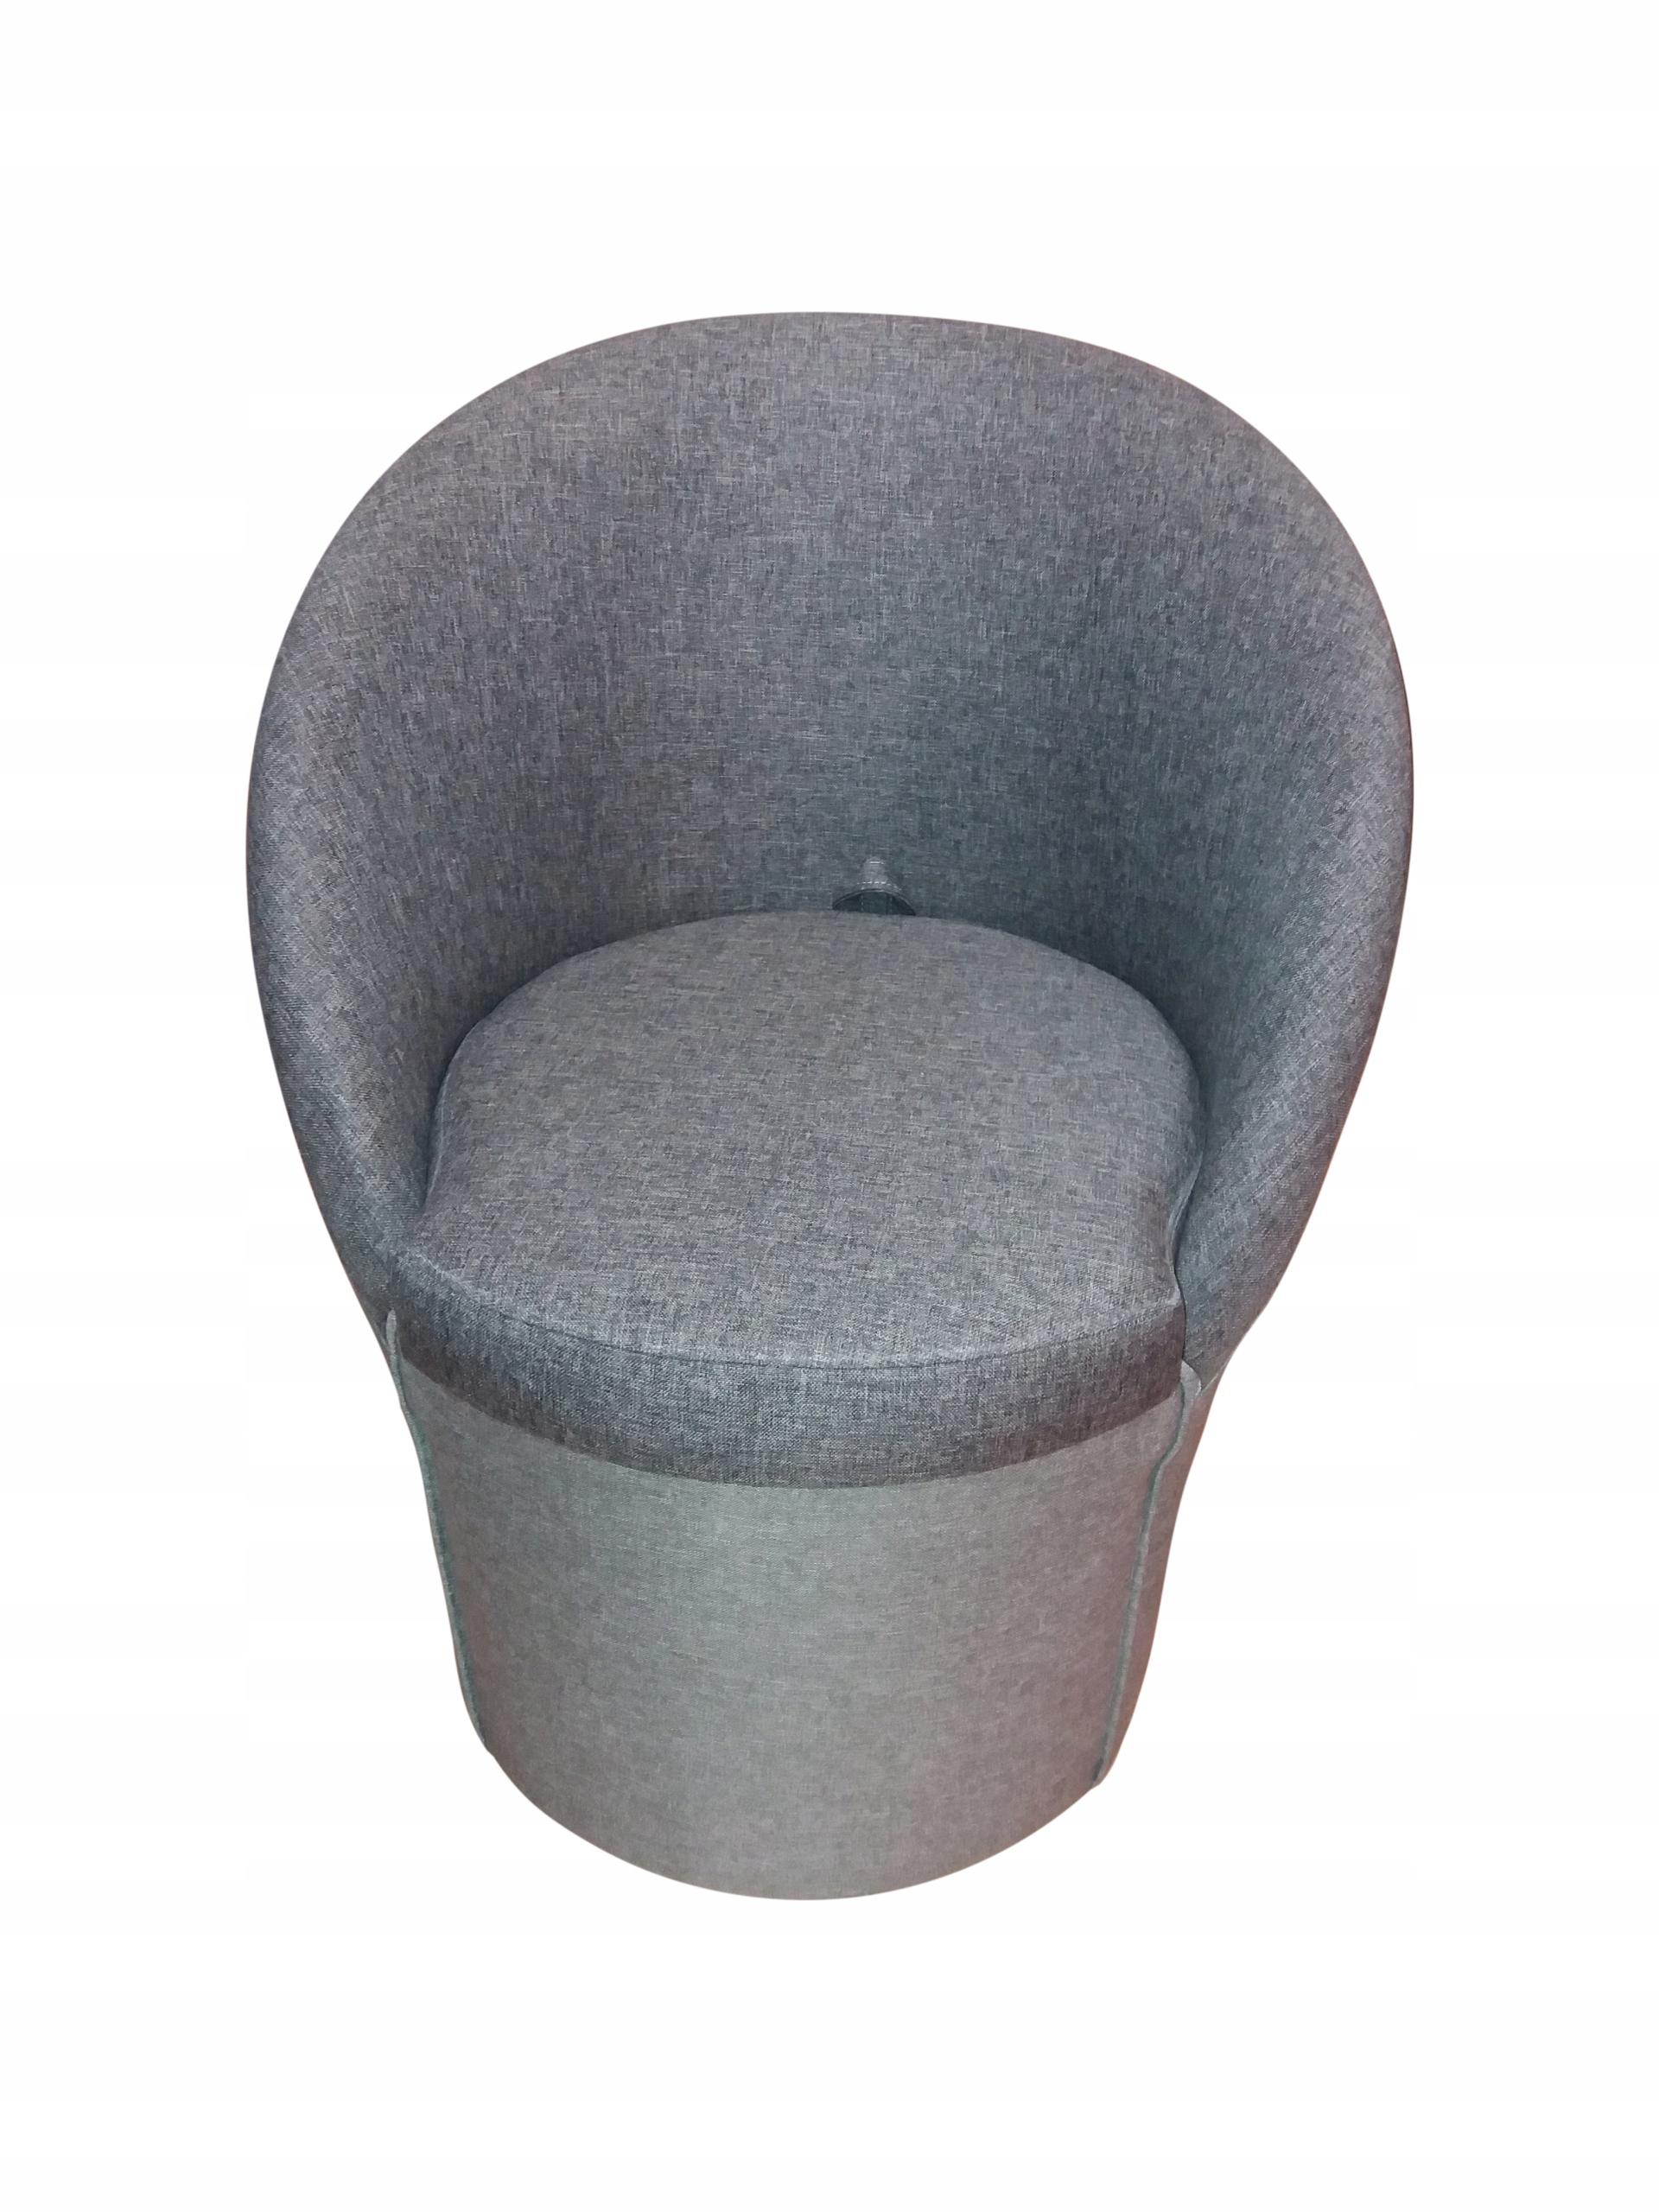 Пуф со спинкой, Кресло, Кресло ЦВЕТА ЦВЕТА!